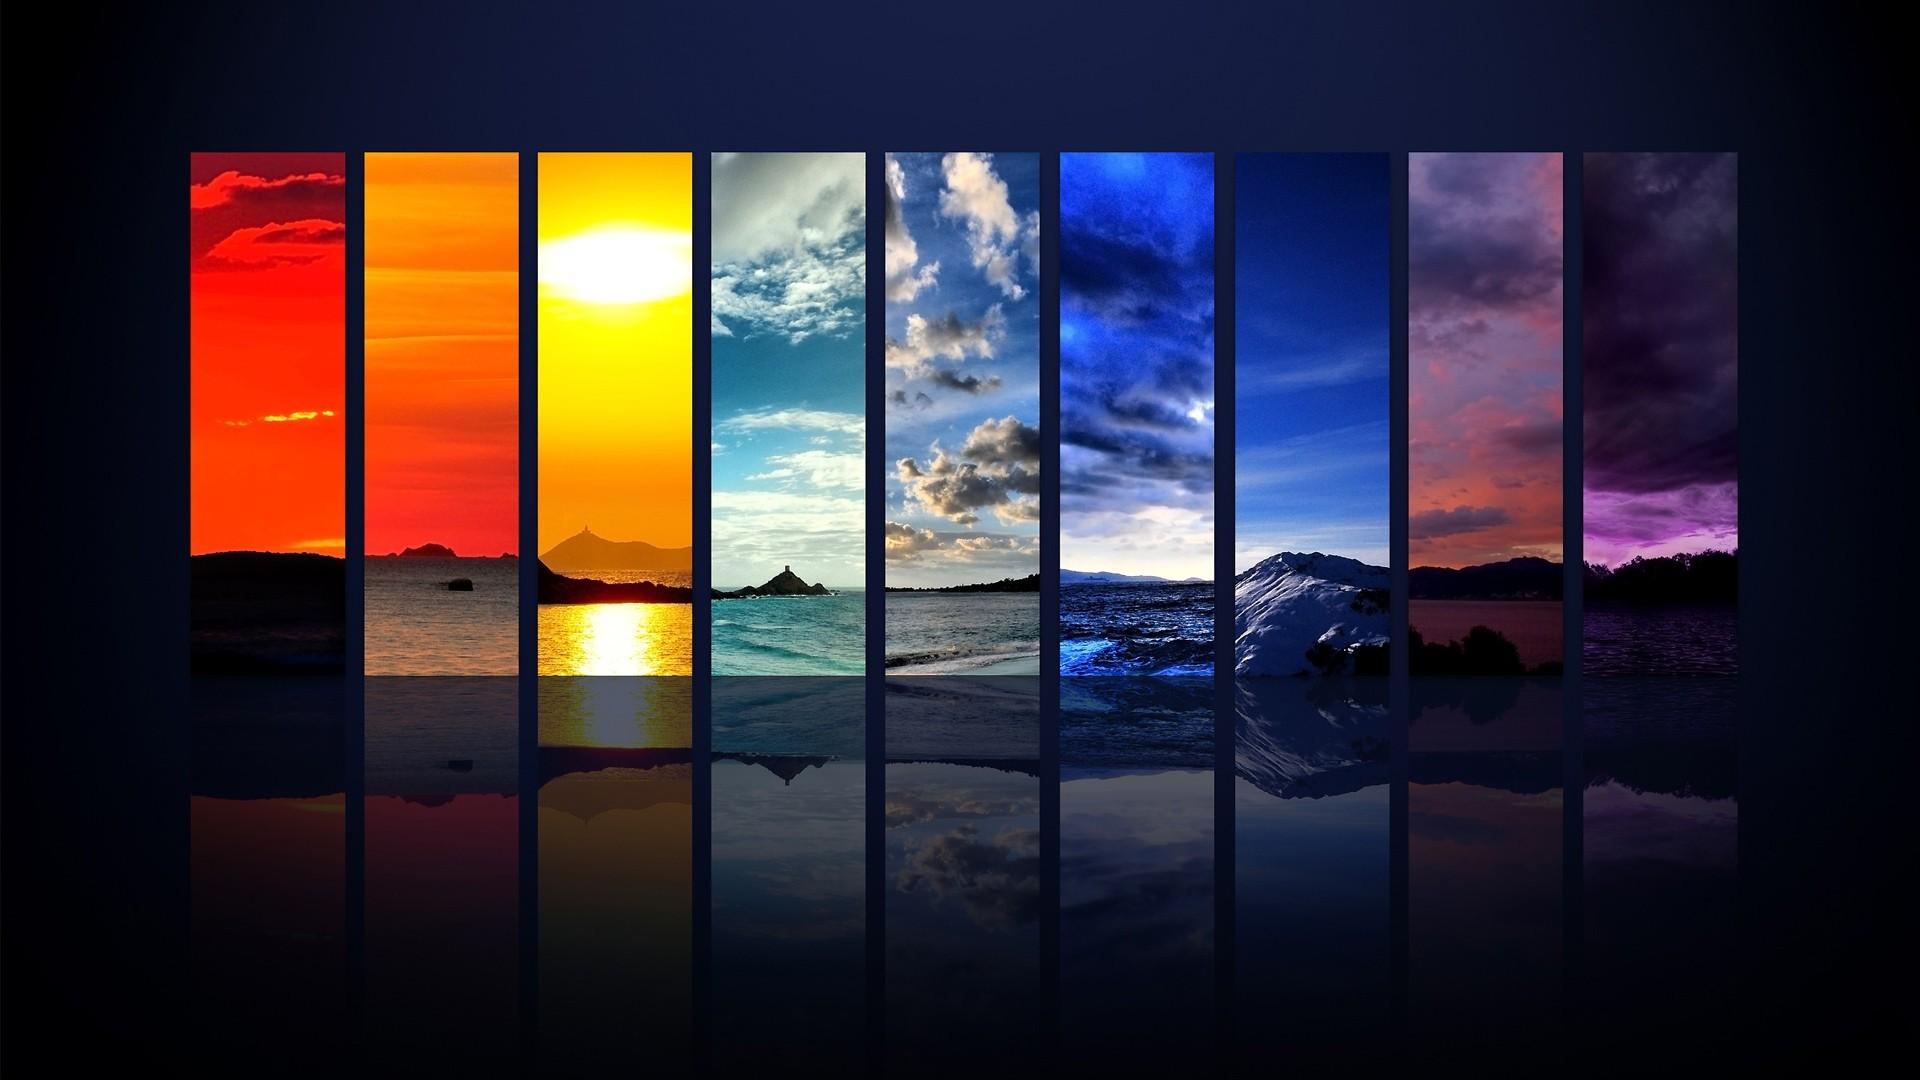 Cool Desktop Backgrounds HD Wallpaper of HD – hdwallpaper2013.com